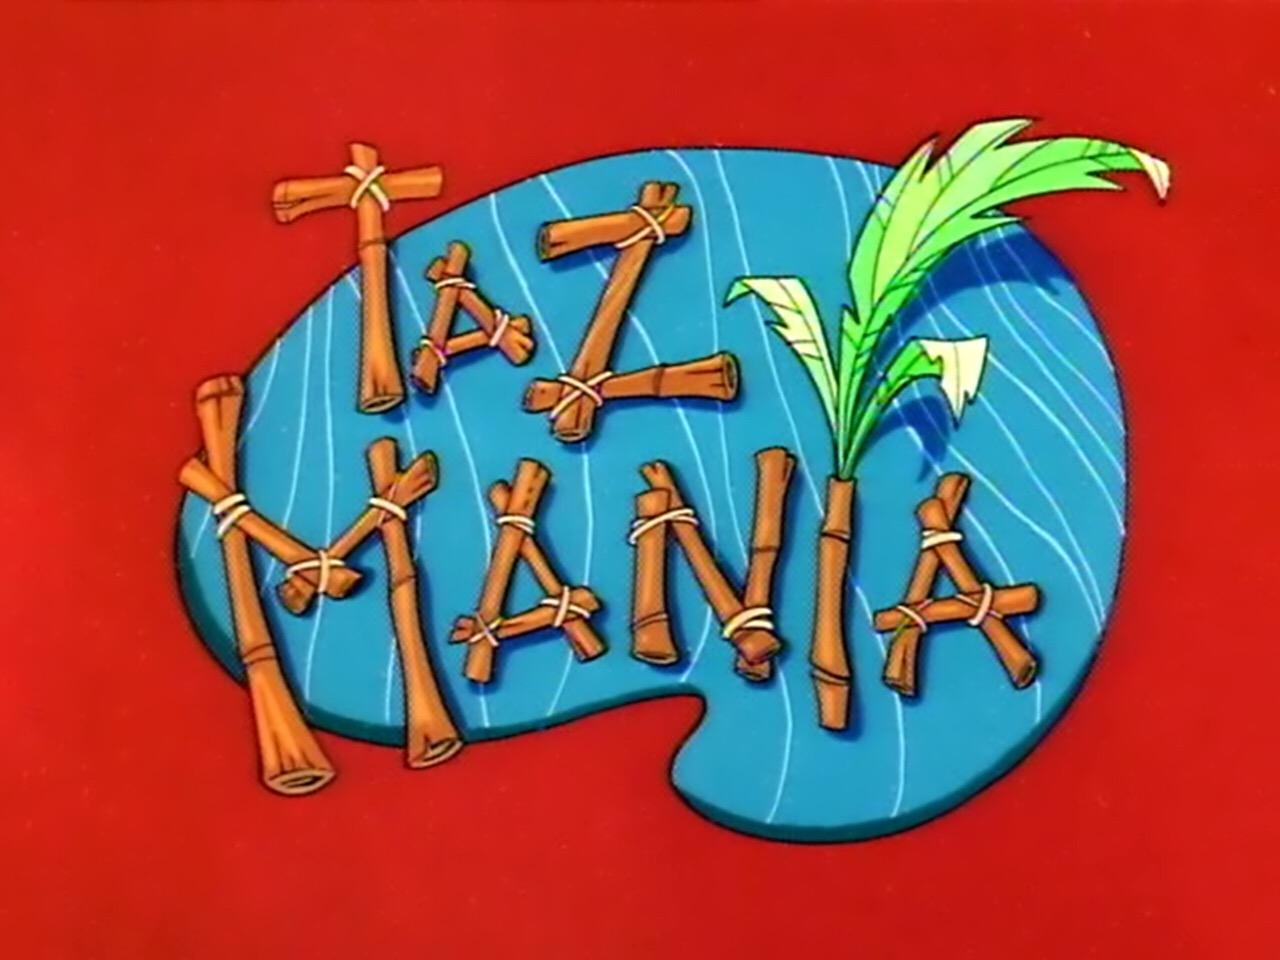 File:TazMania title card.jpg